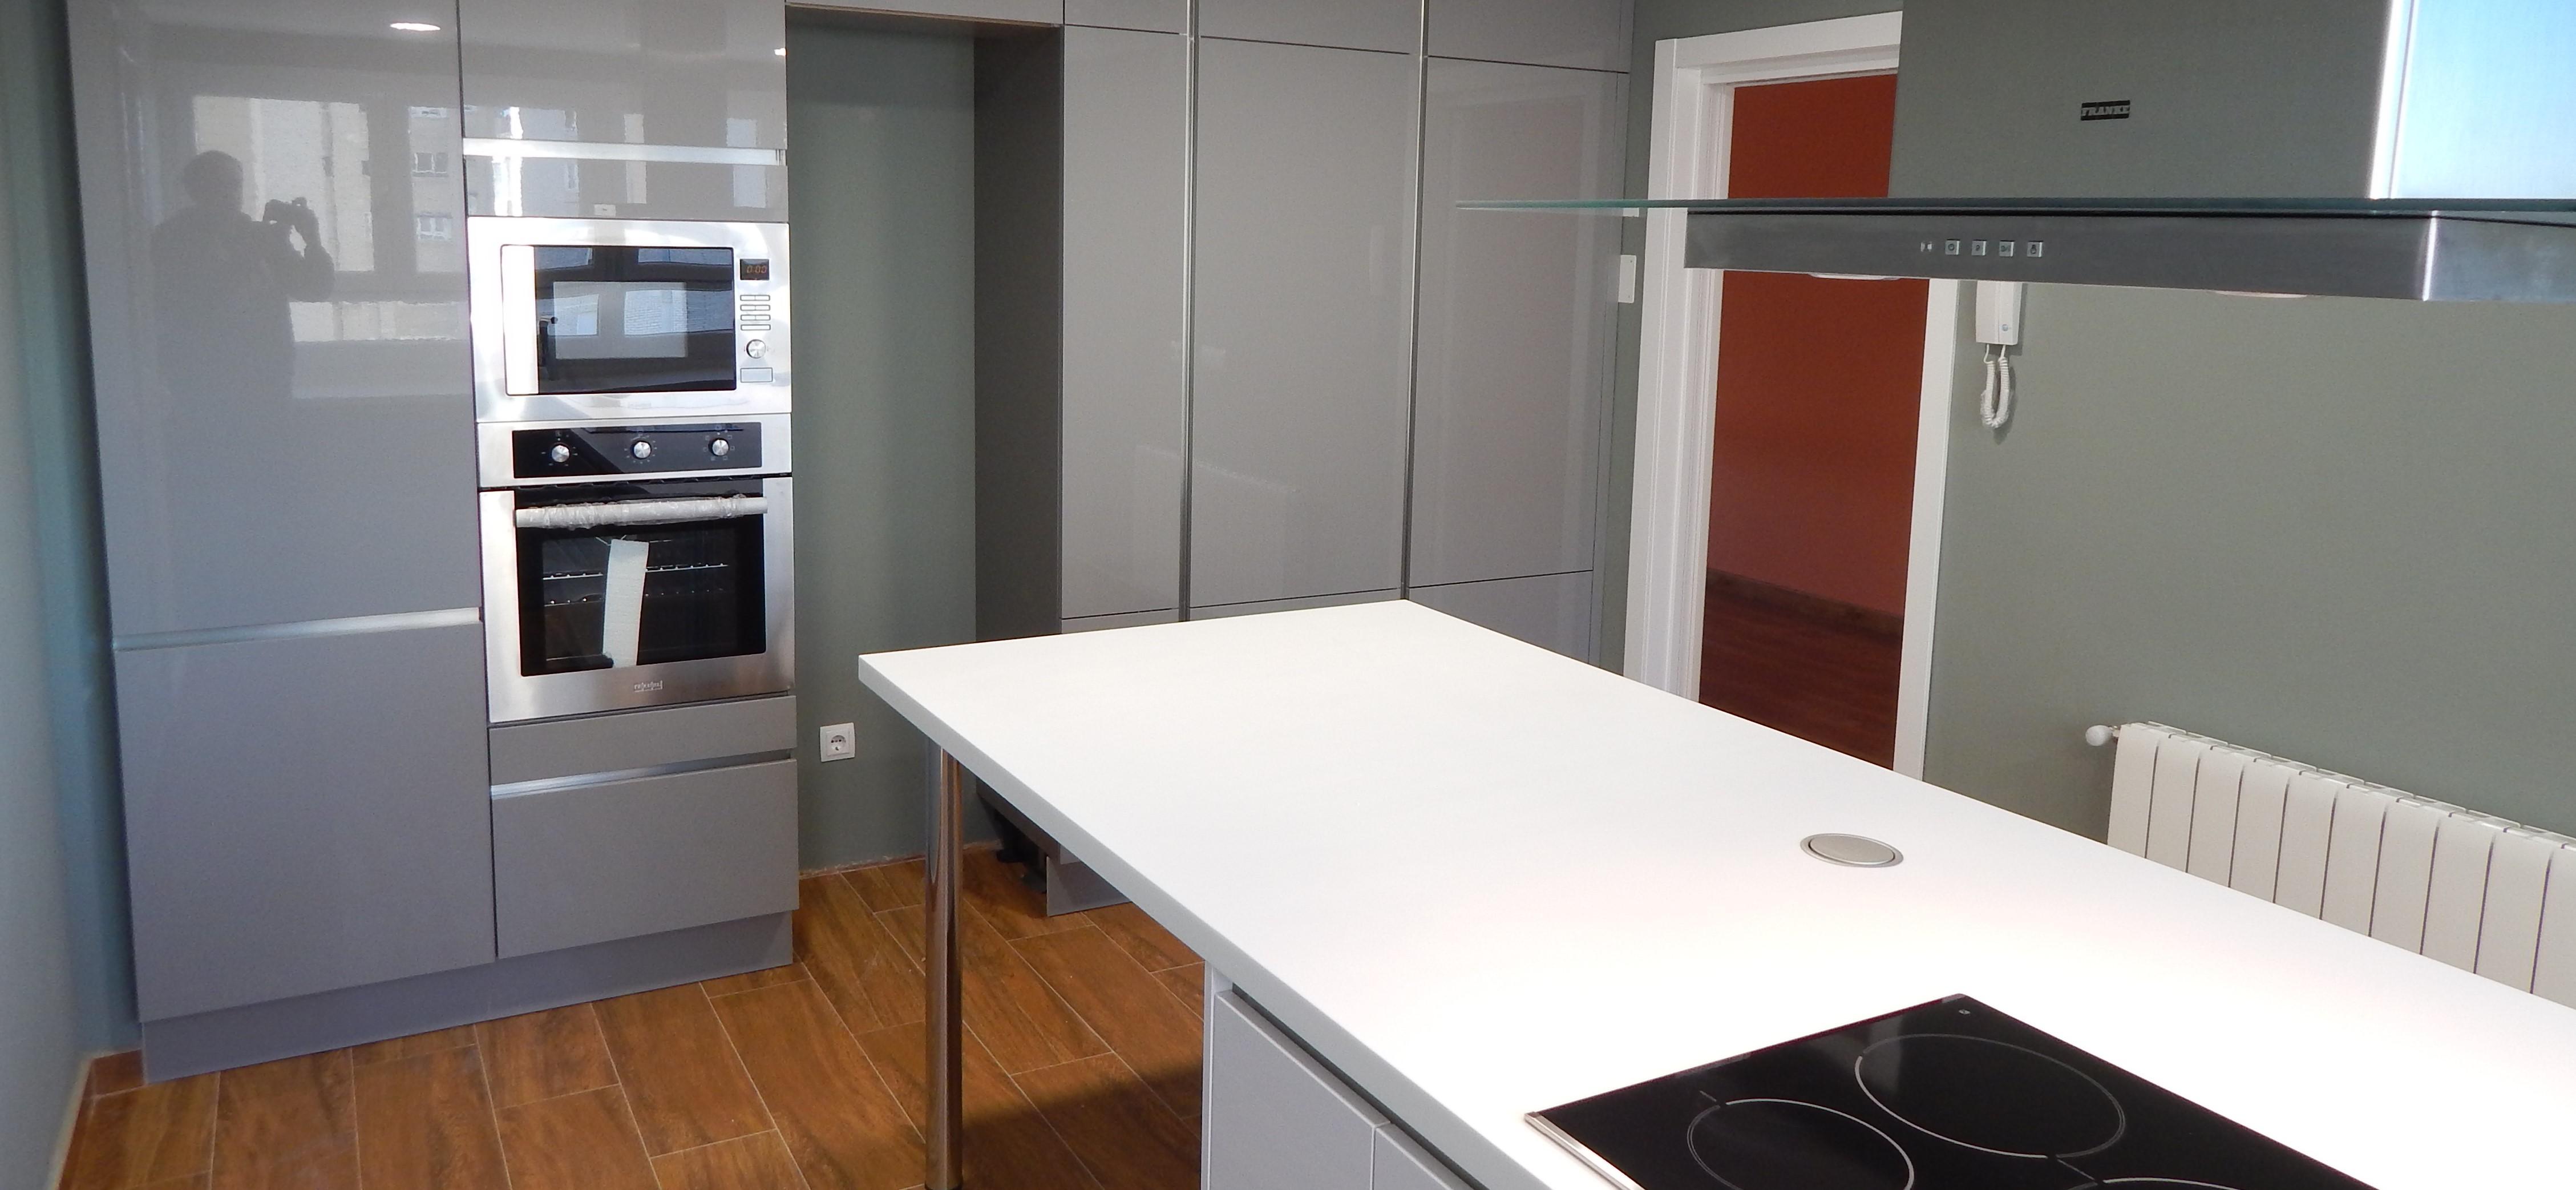 Muebles de cocina gris perla y blanco for Comedor gris y blanco